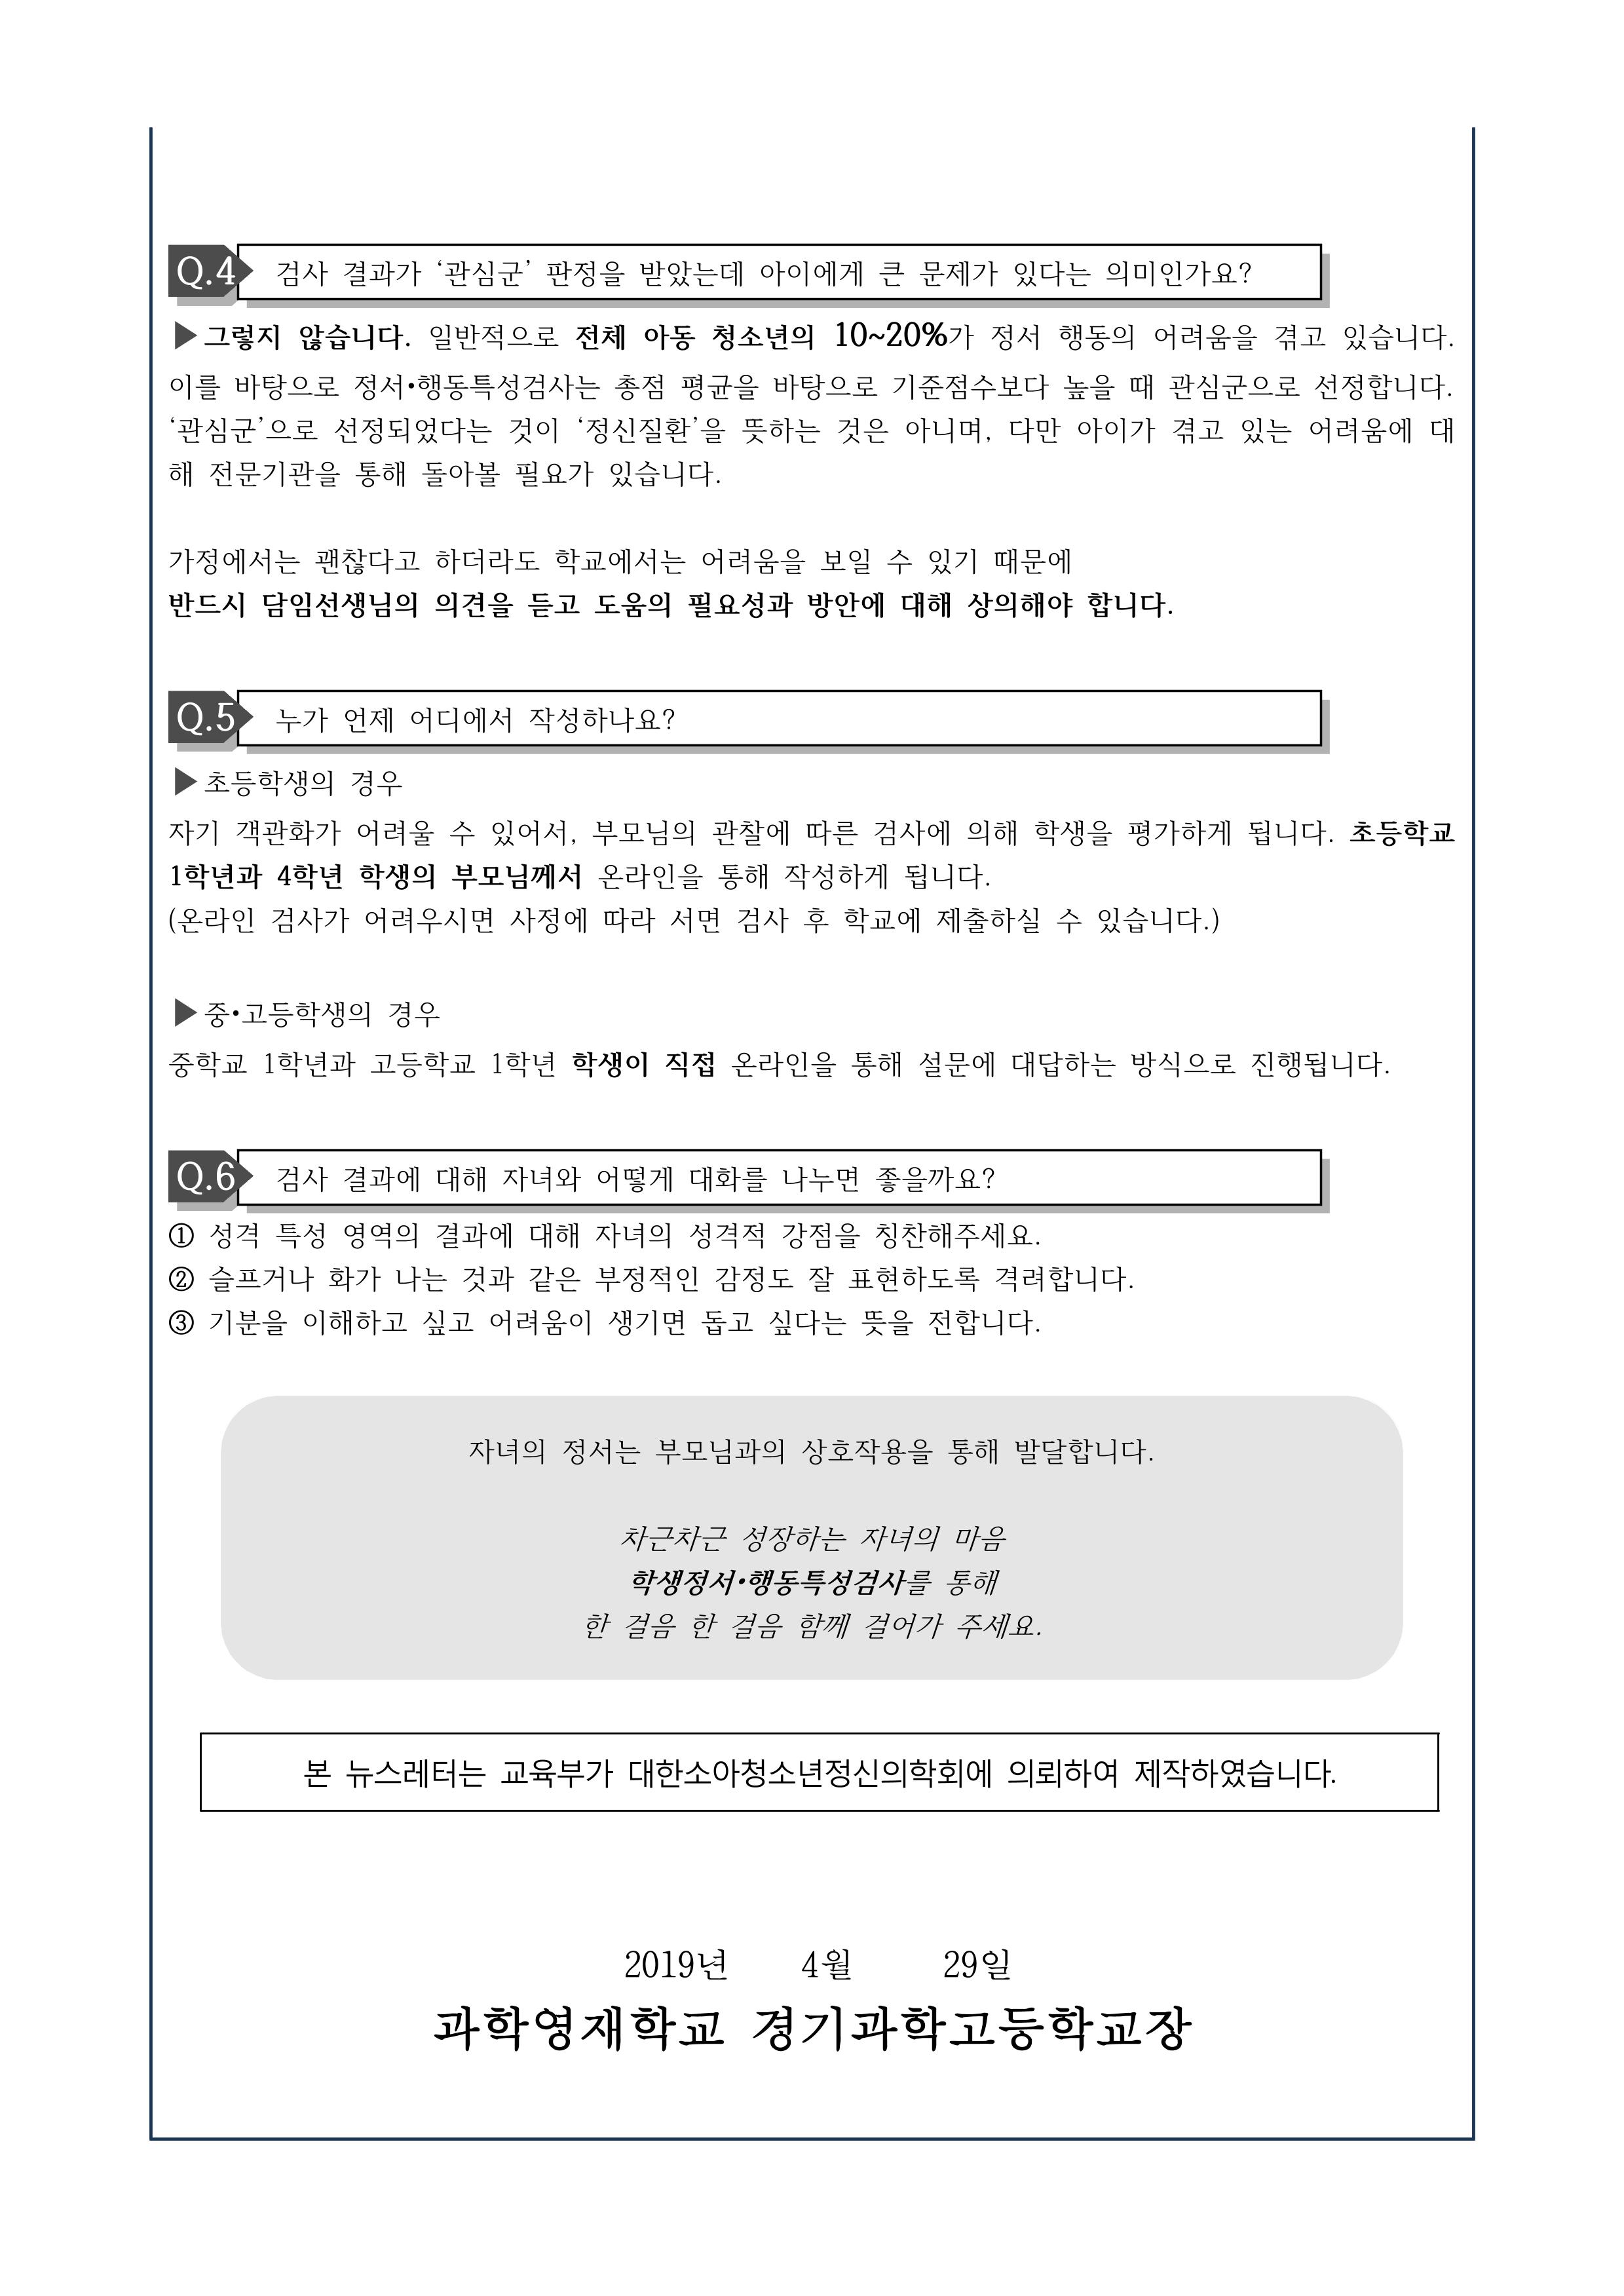 뉴스레터 자녀사랑하기 제2019-2호 가정통신문 1Page.